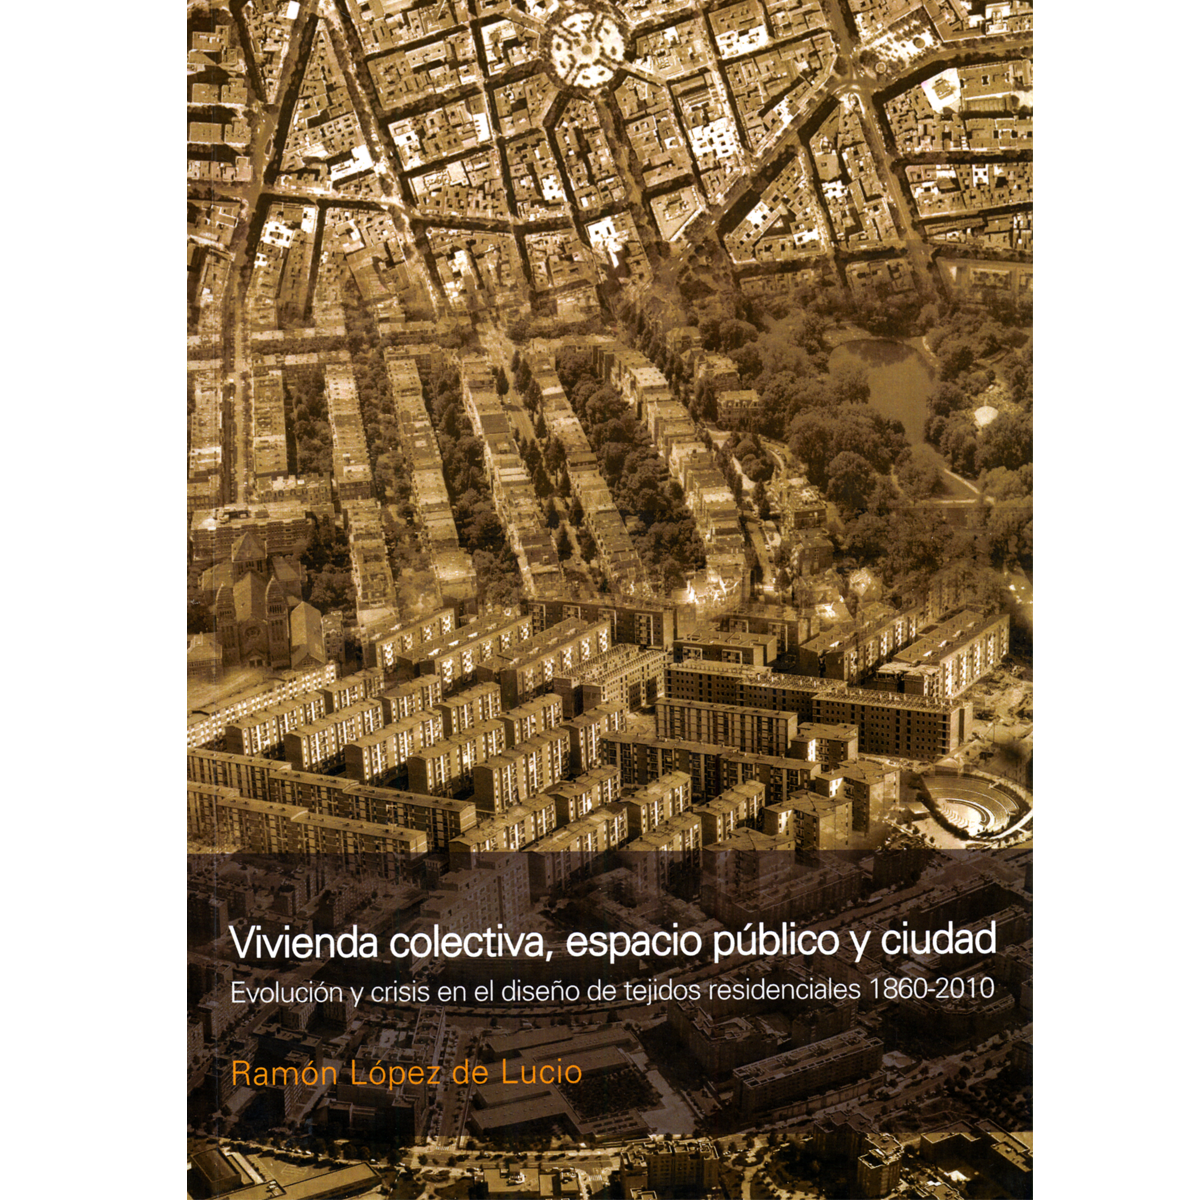 Vivienda colectiva, espacio público y ciudad